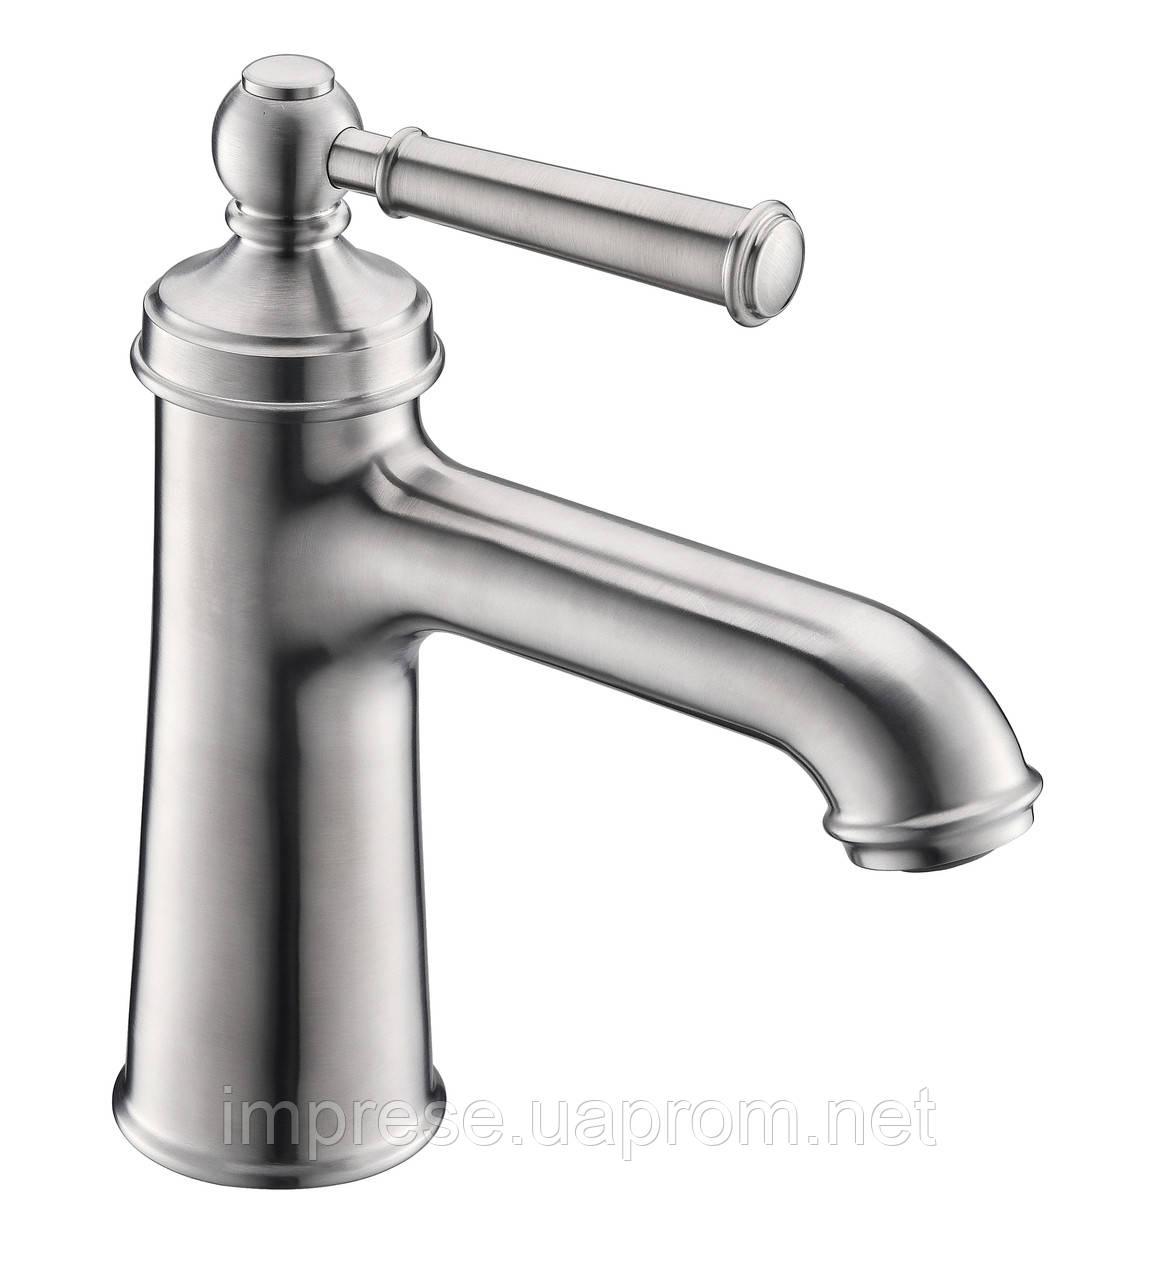 Смеситель для умывальника Hydrant ZMK031806010